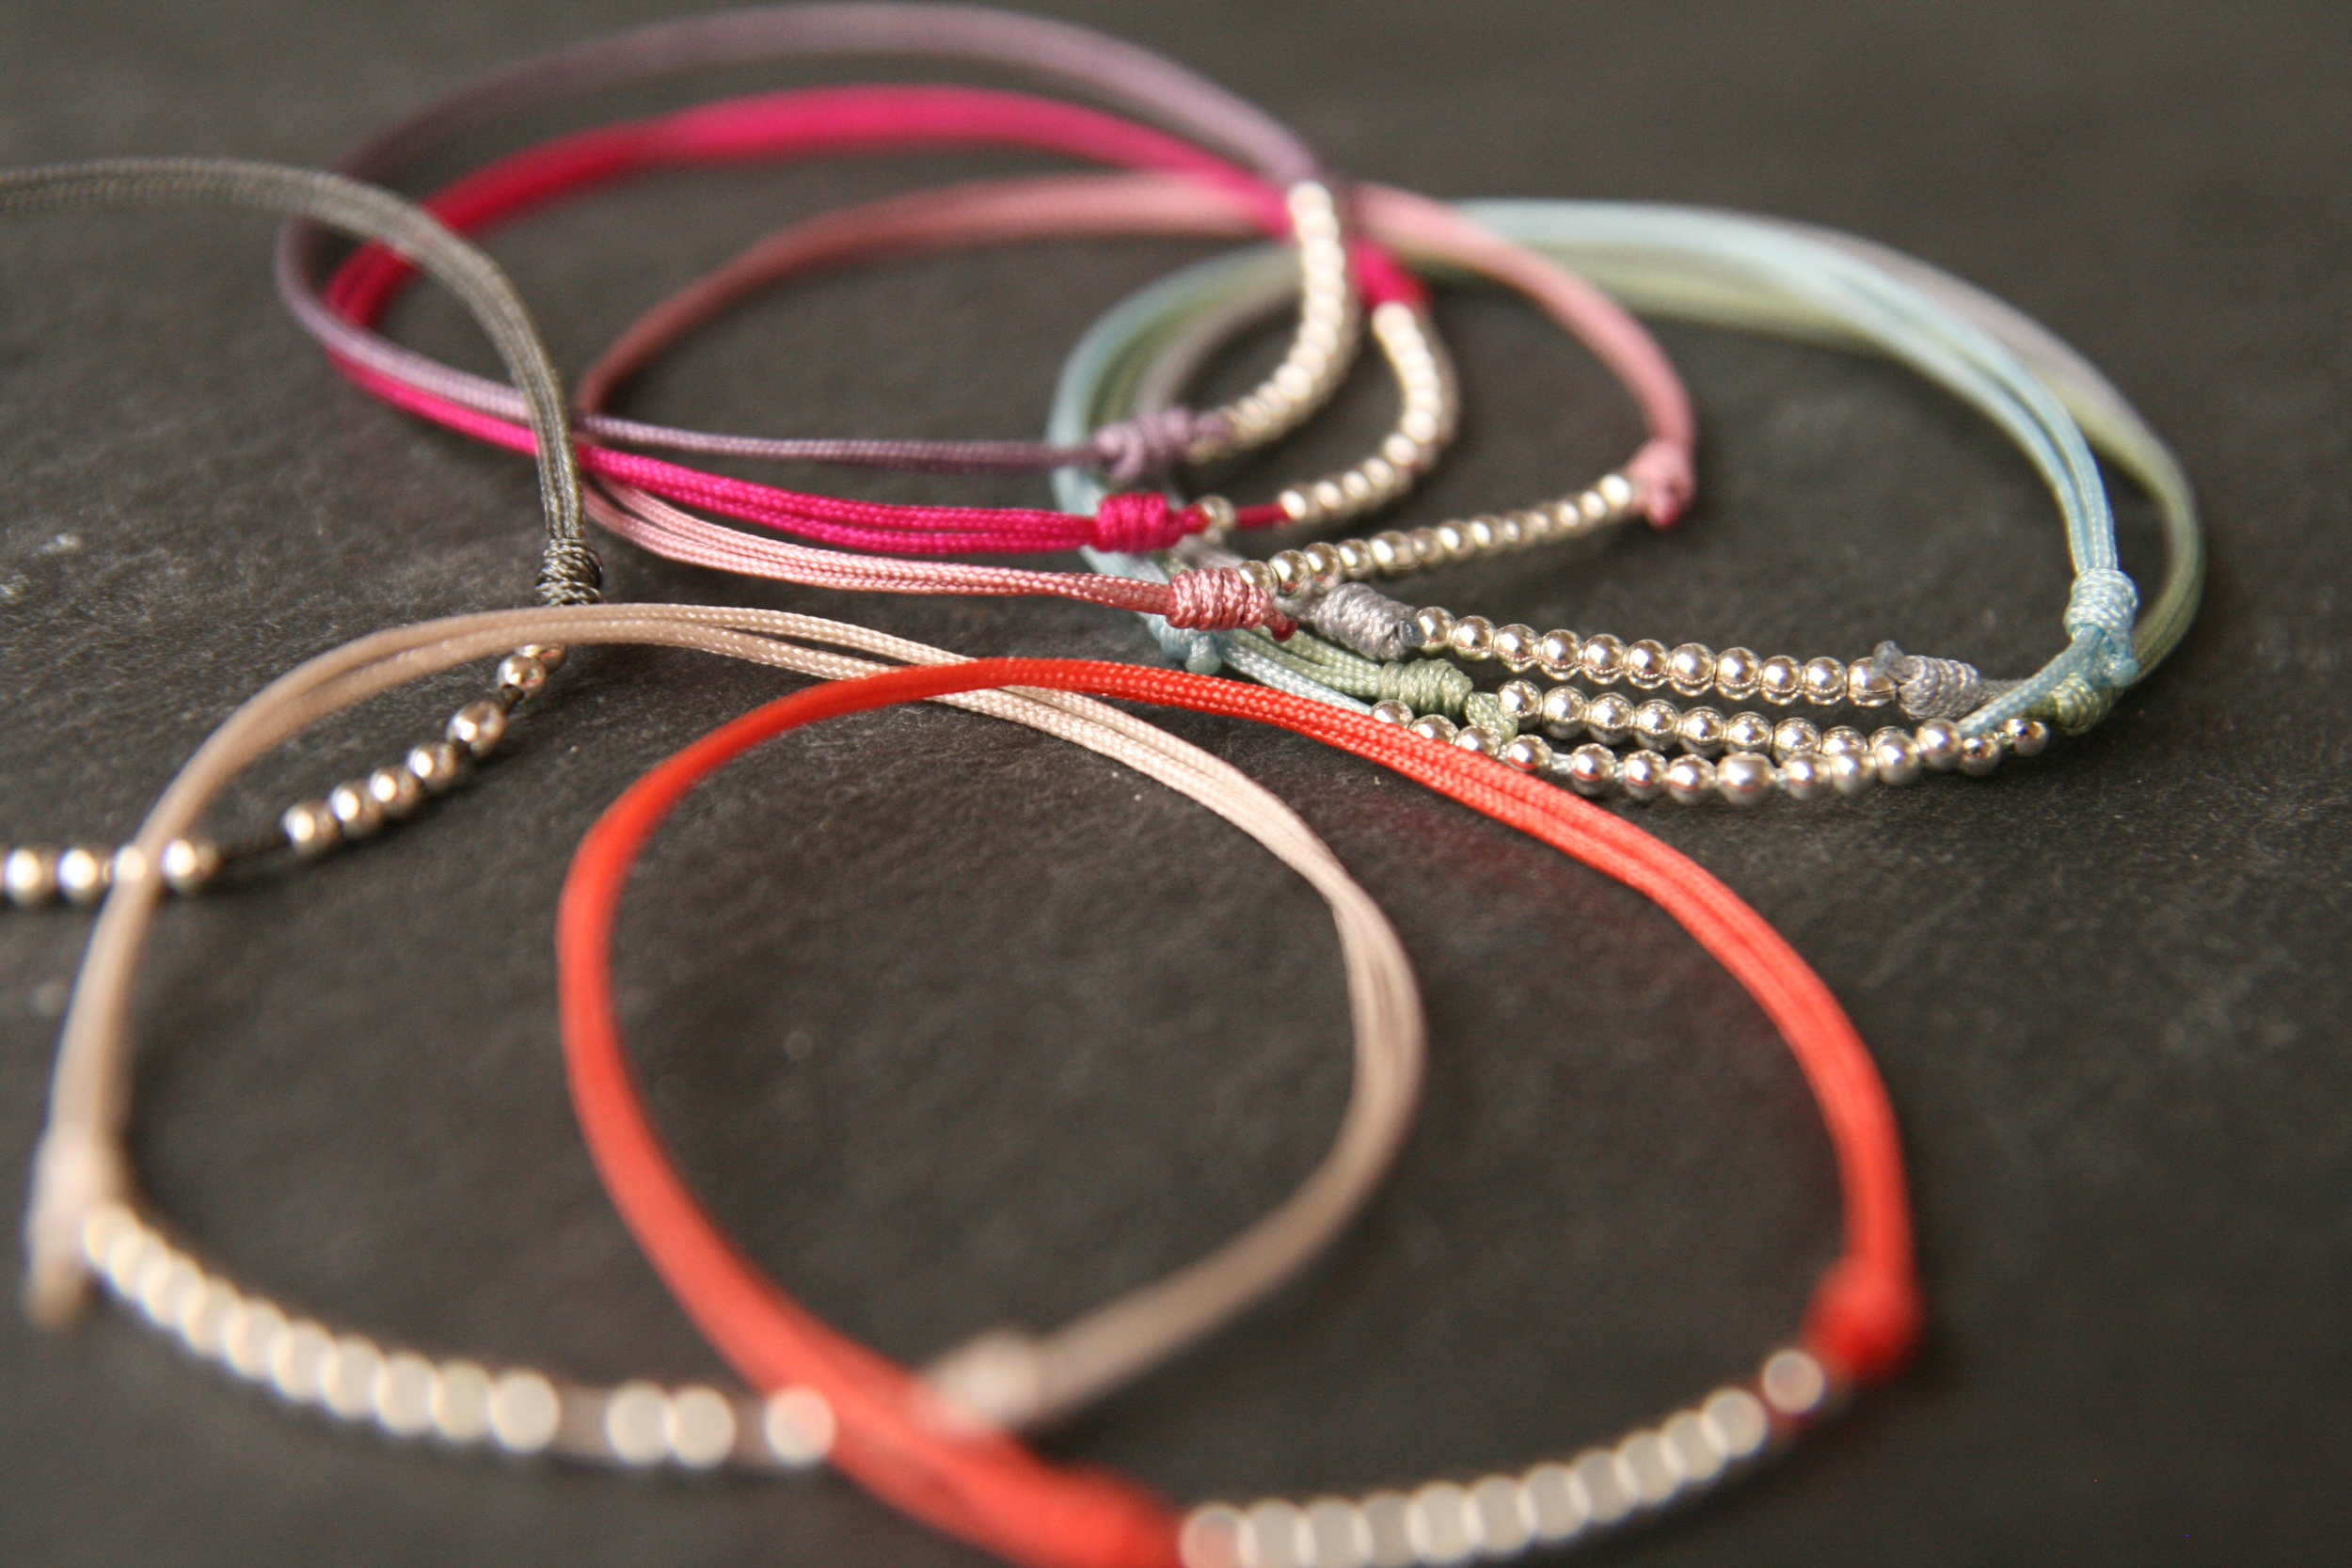 HAPPINESS  Zartes Armband mit versilberten Perlen auf verschiebbarem - individuell anpassbarem - Verschluss. Band in diversen Farben.  22€   BESTELLEN >>